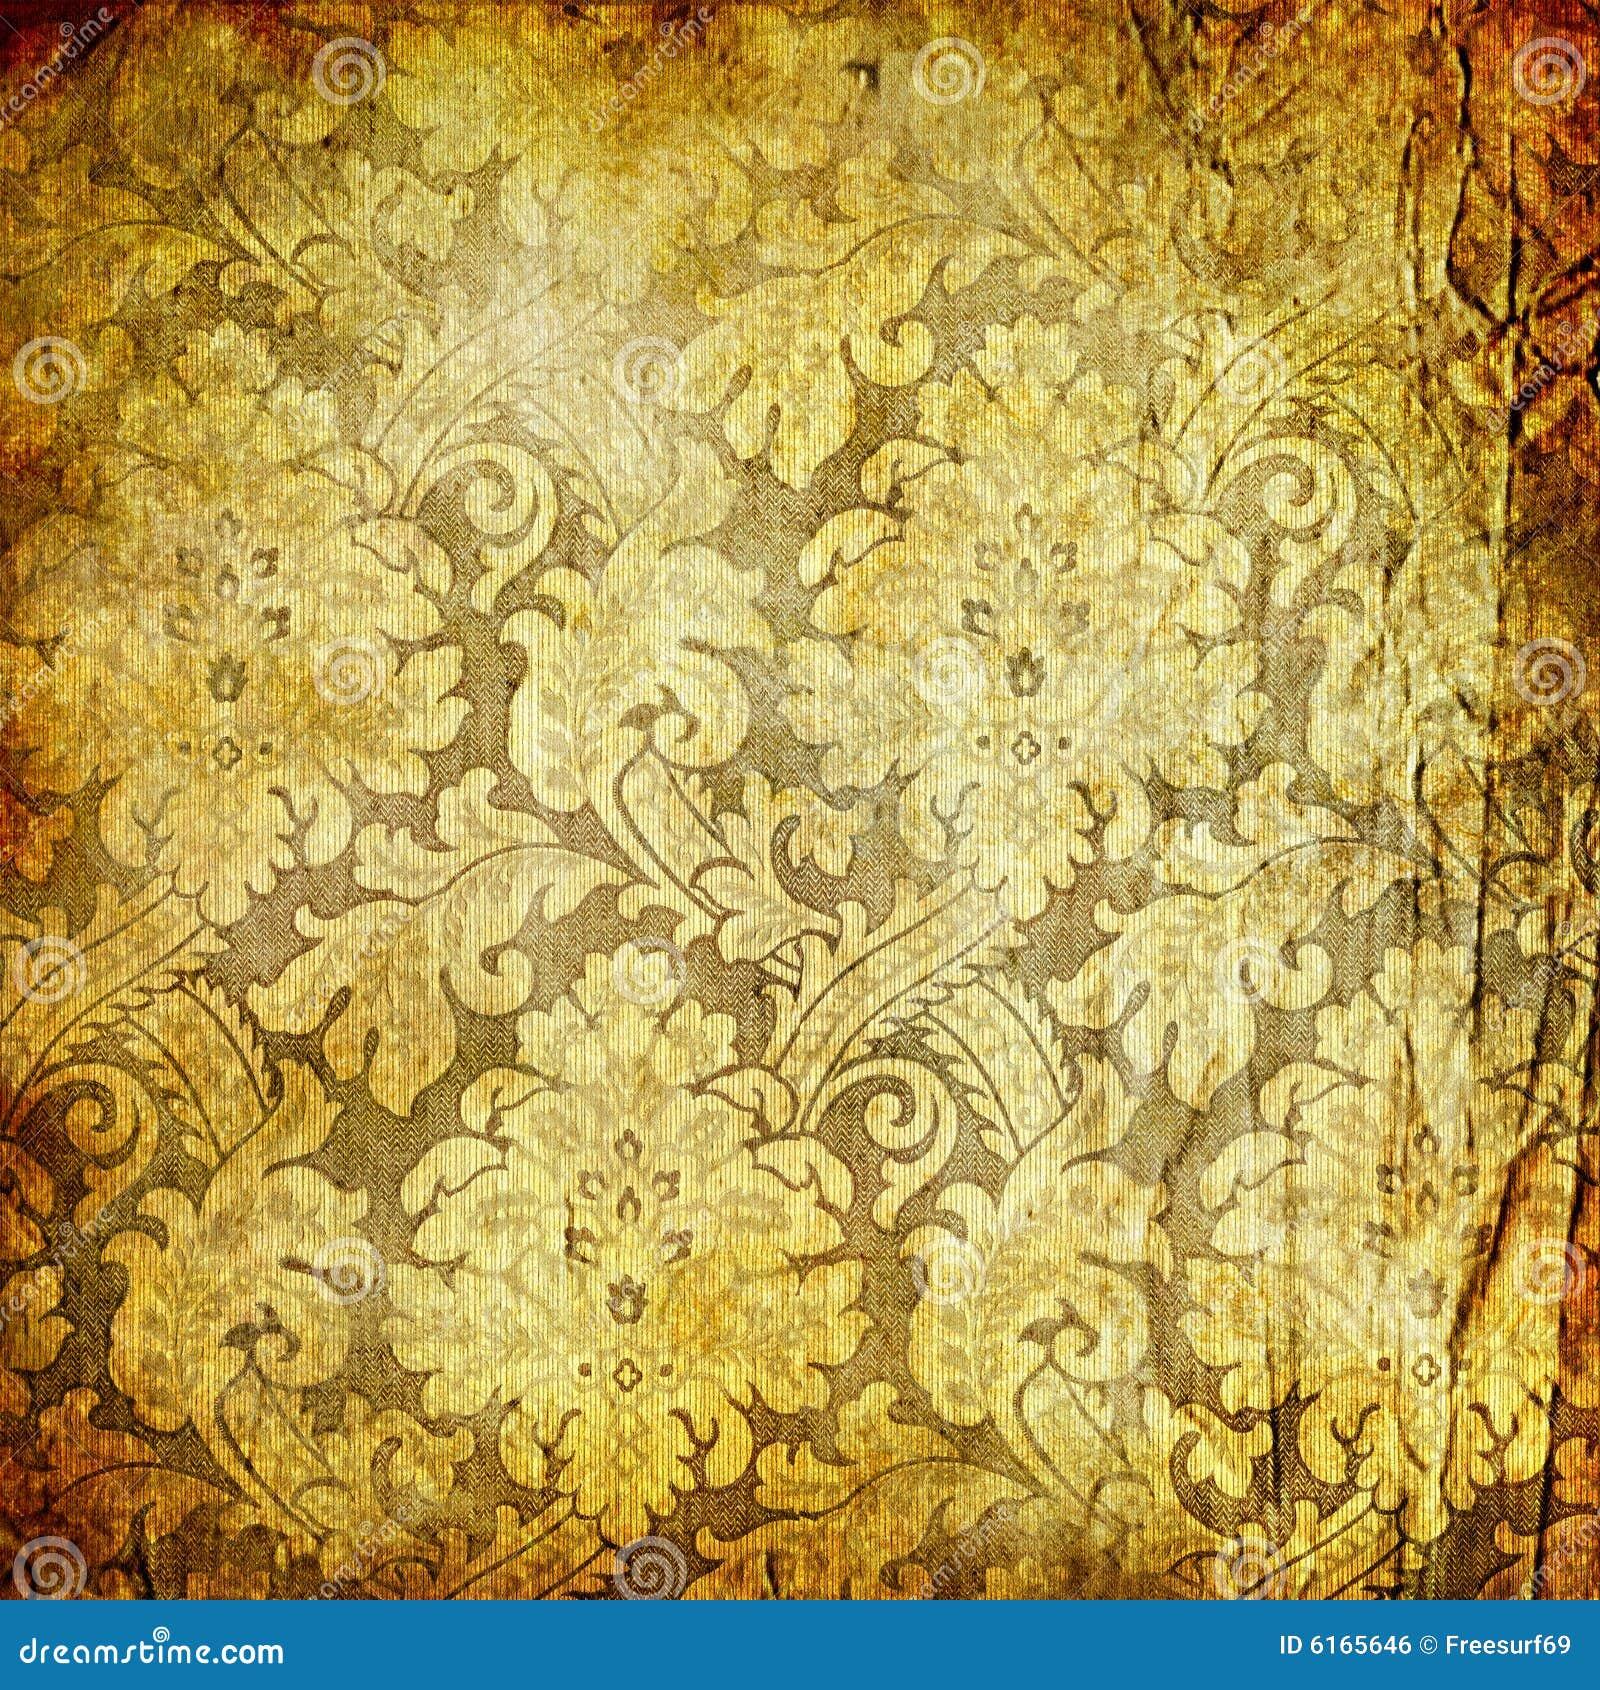 Papel de parede dourado retro imagem de stock royalty free - Papel de pared retro ...